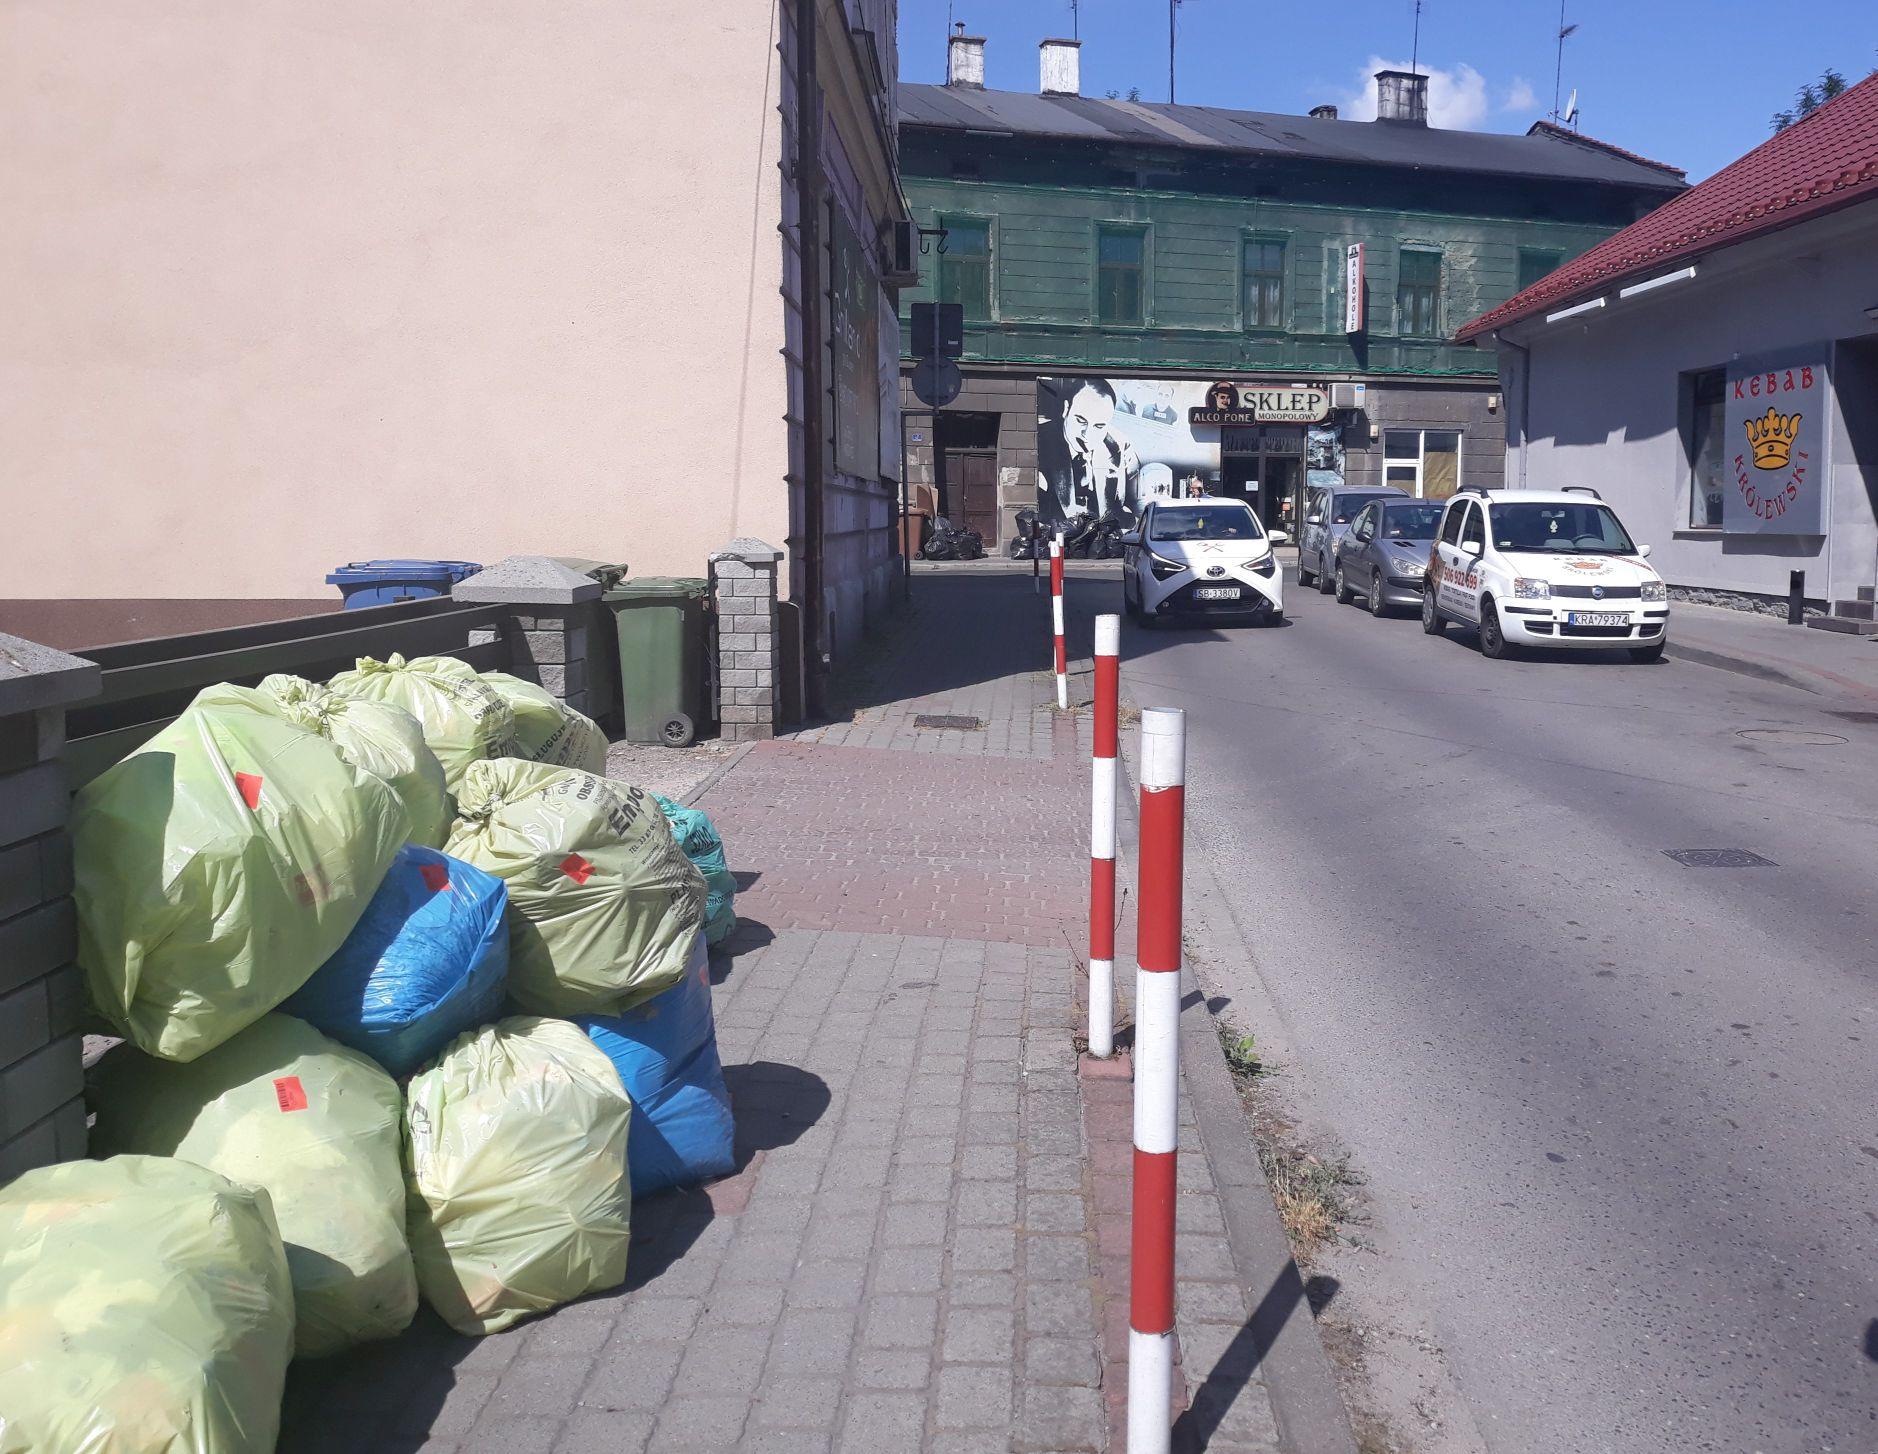 Podwyżka cen śmieci nielegalna?